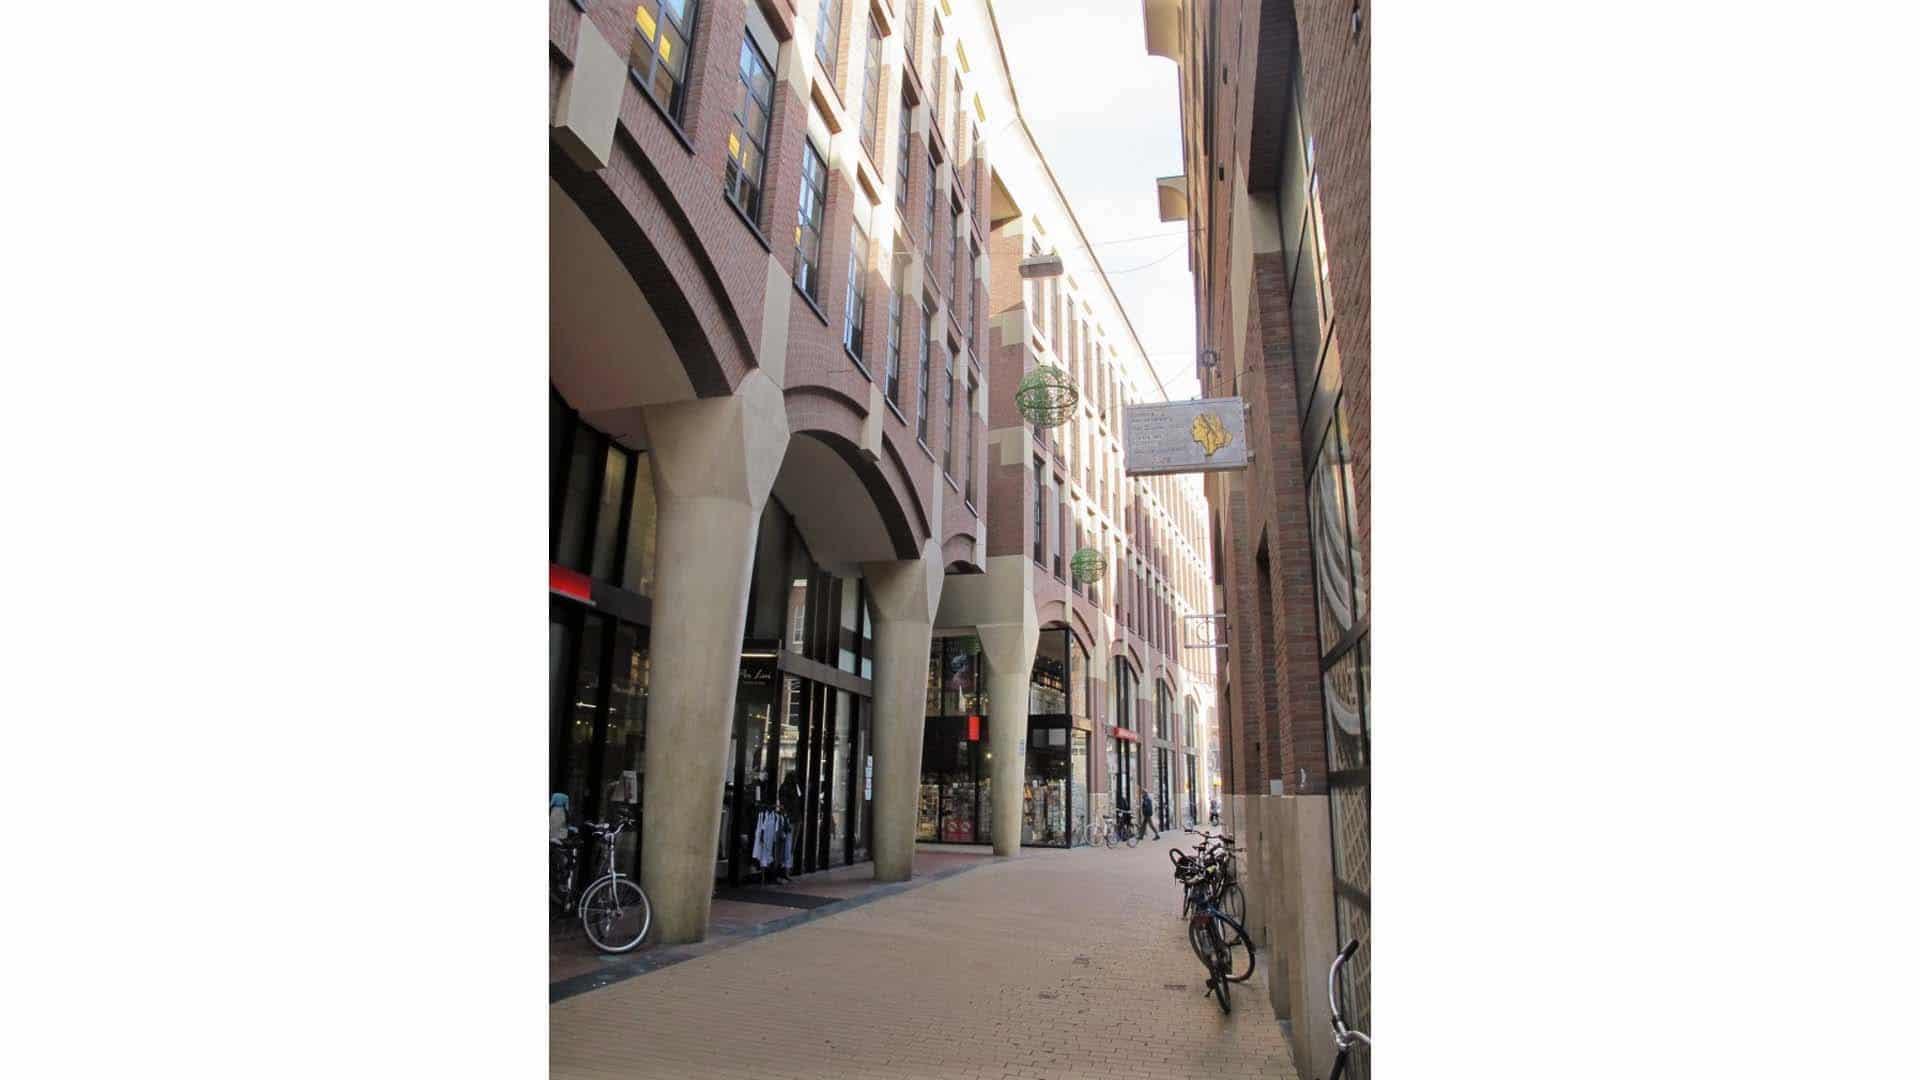 9207_Waagstraatcomplex Groningen_04